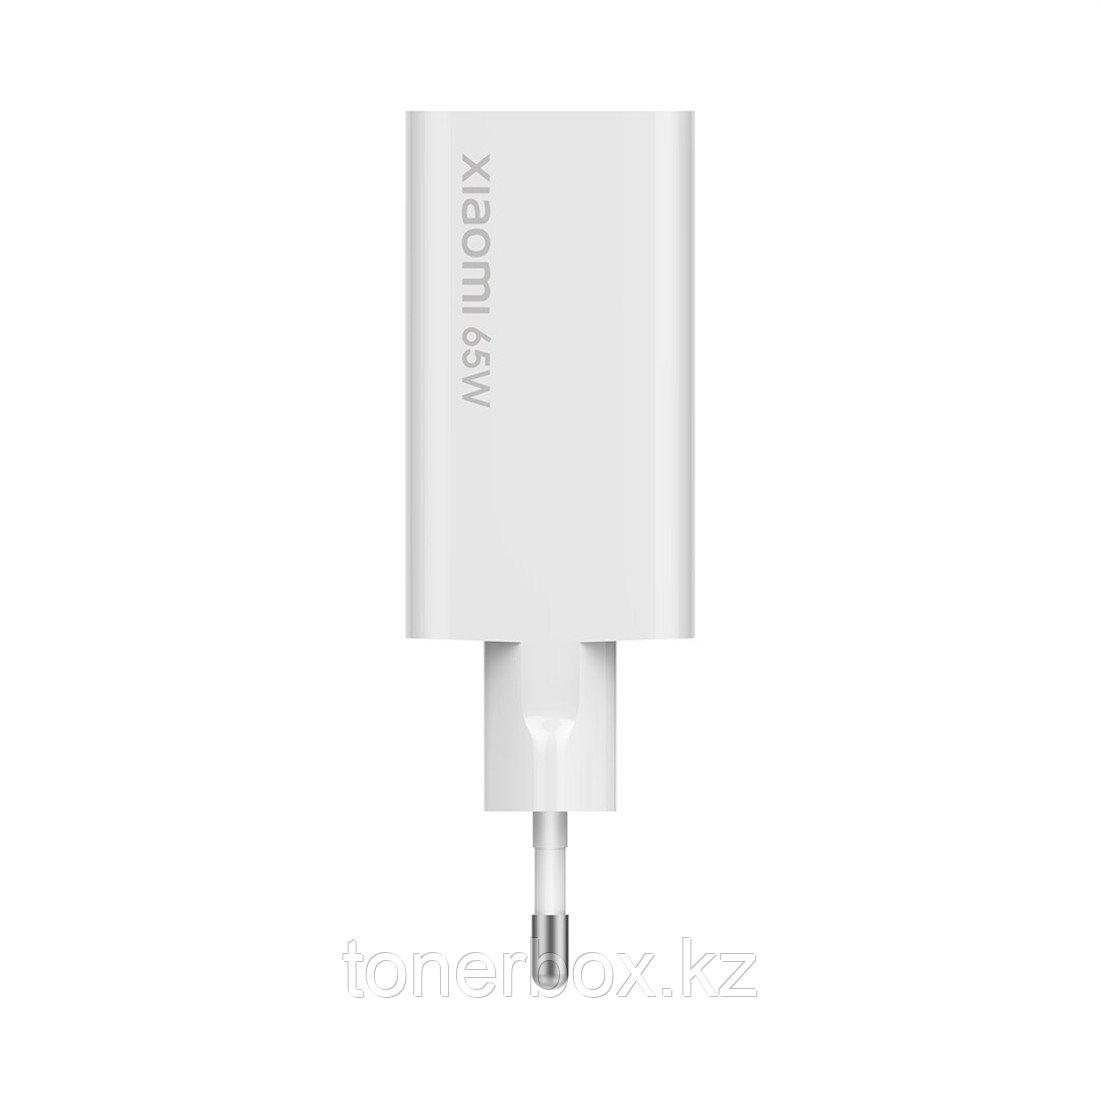 Зарядное устройство Xiaomi Mi GaN 65W - фото 2